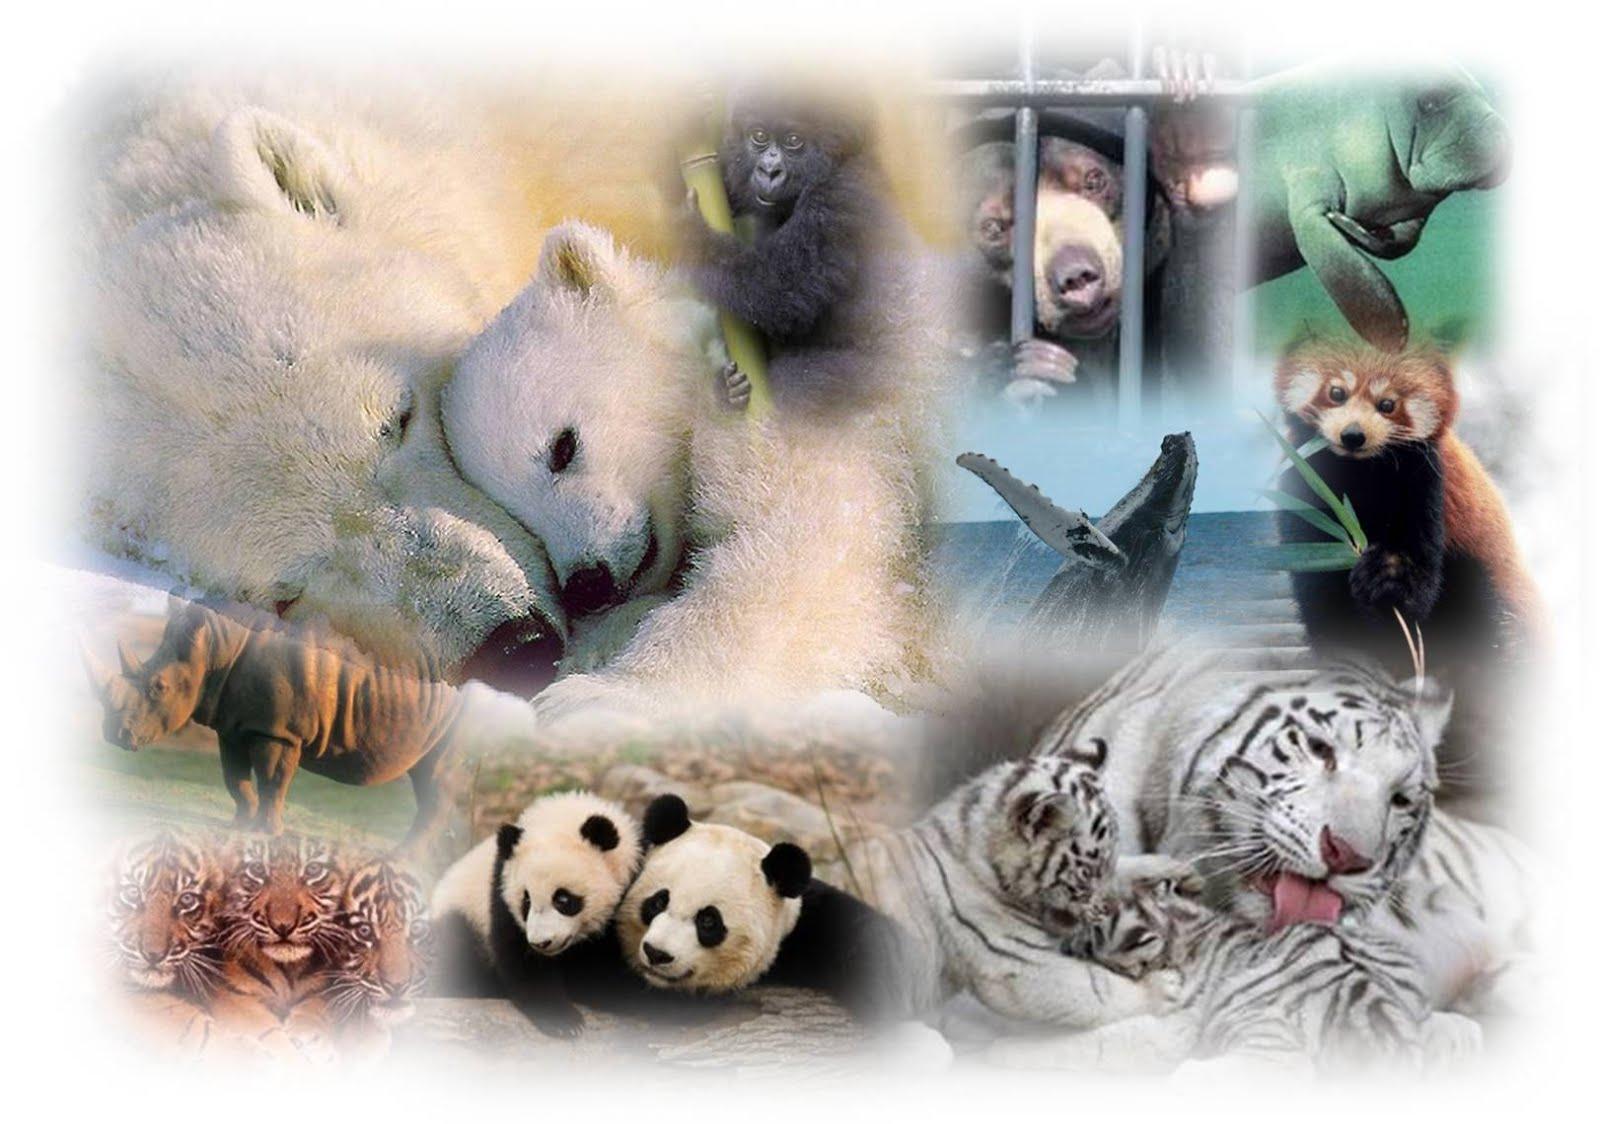 Repasando el tema de los animales